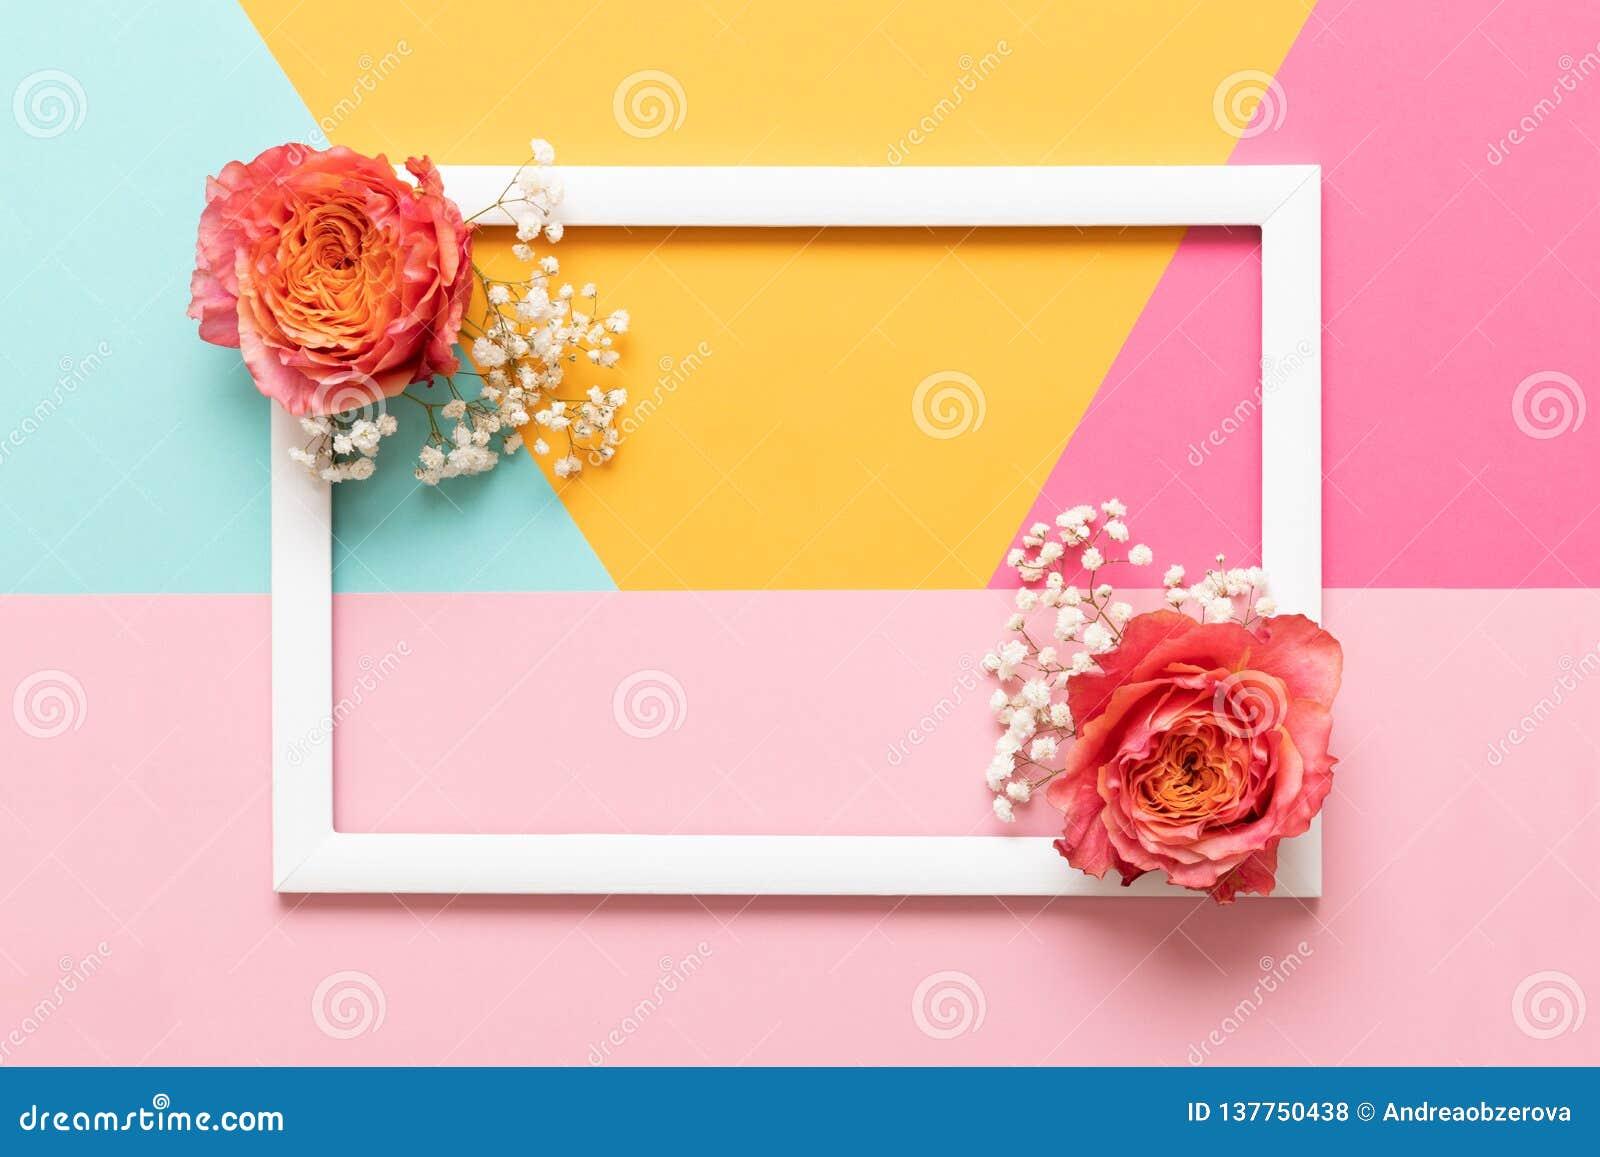 Lycklig moderdag, kvinnors dag, valentindag eller pastellfärgad kulör bakgrund för födelsedag Plant lekmanna- falskt upp hälsning